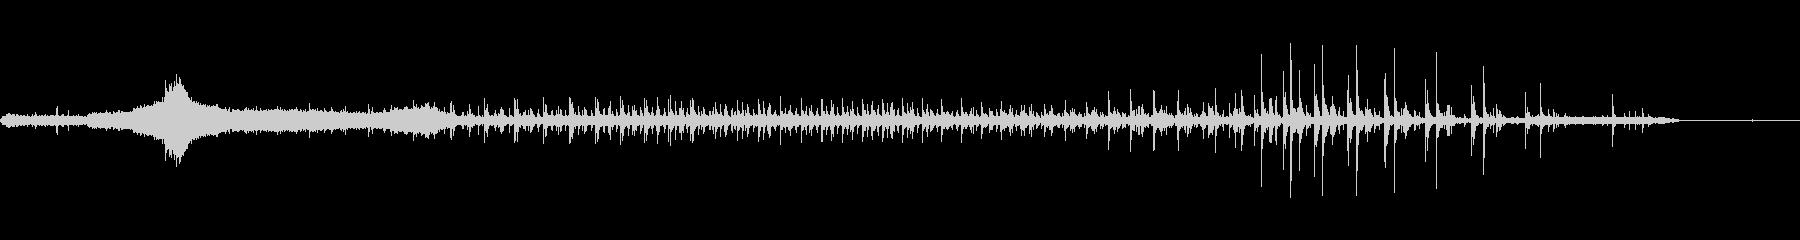 蒸気機関-マンケル1889-スター...の未再生の波形